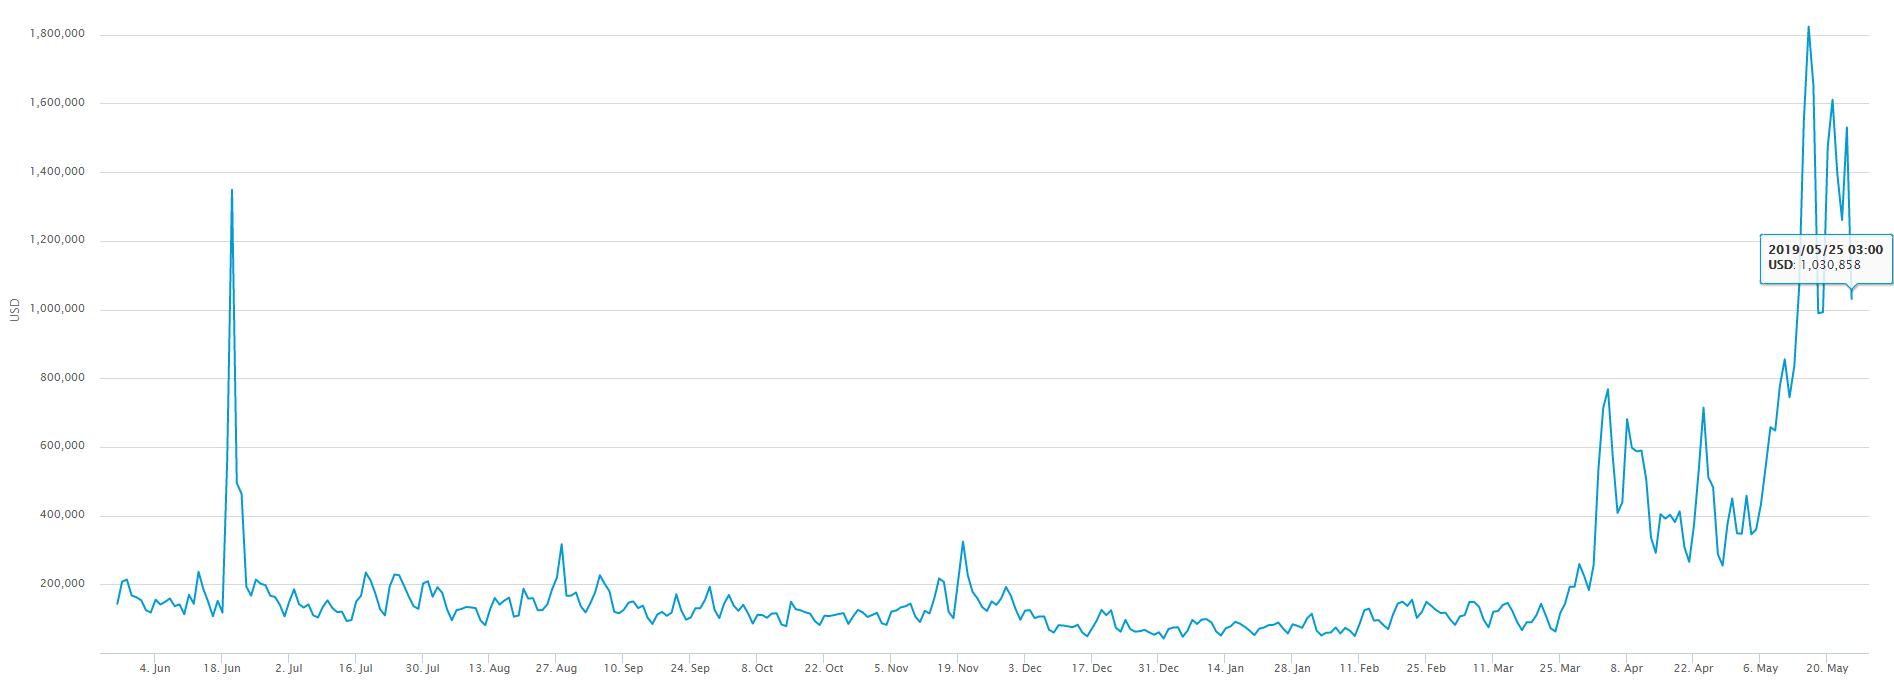 Майнинг возвращается? Доходность добычи биткоина вышла на уровень июля прошлого года